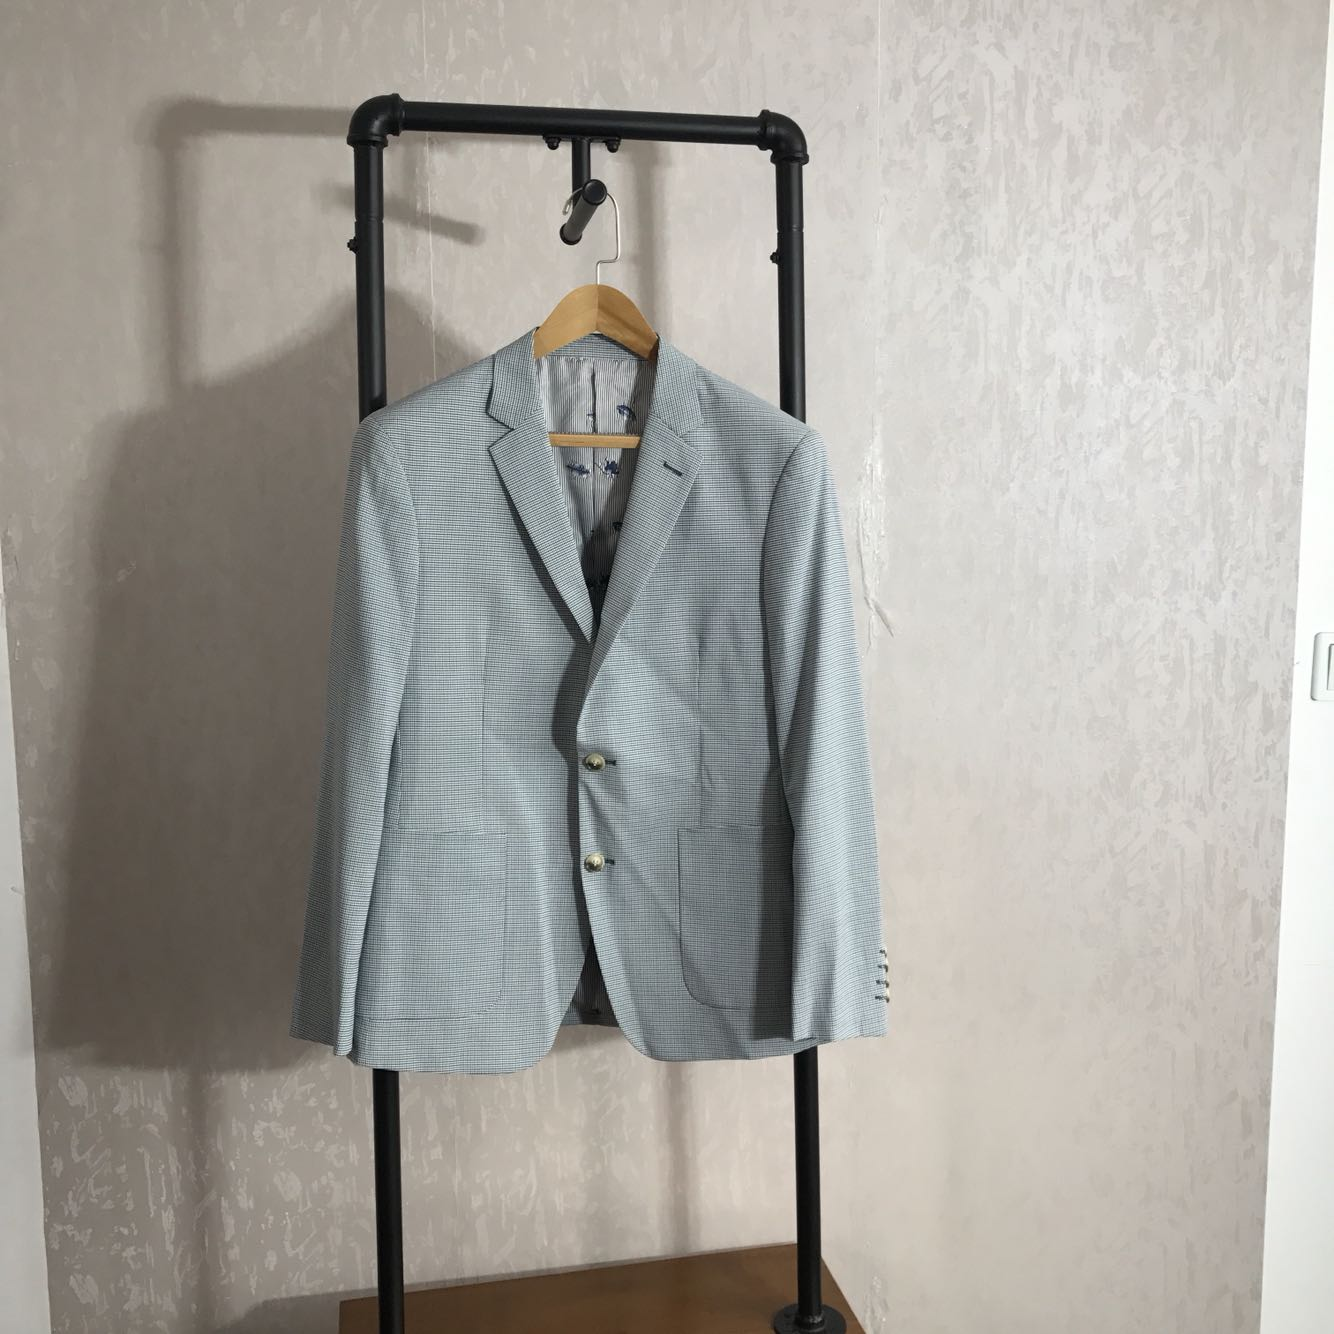 男士西装 太亏了18新款男士修身薄款千鸟格西服外套百搭休闲单西装品牌剪标_推荐淘宝好看的男西装